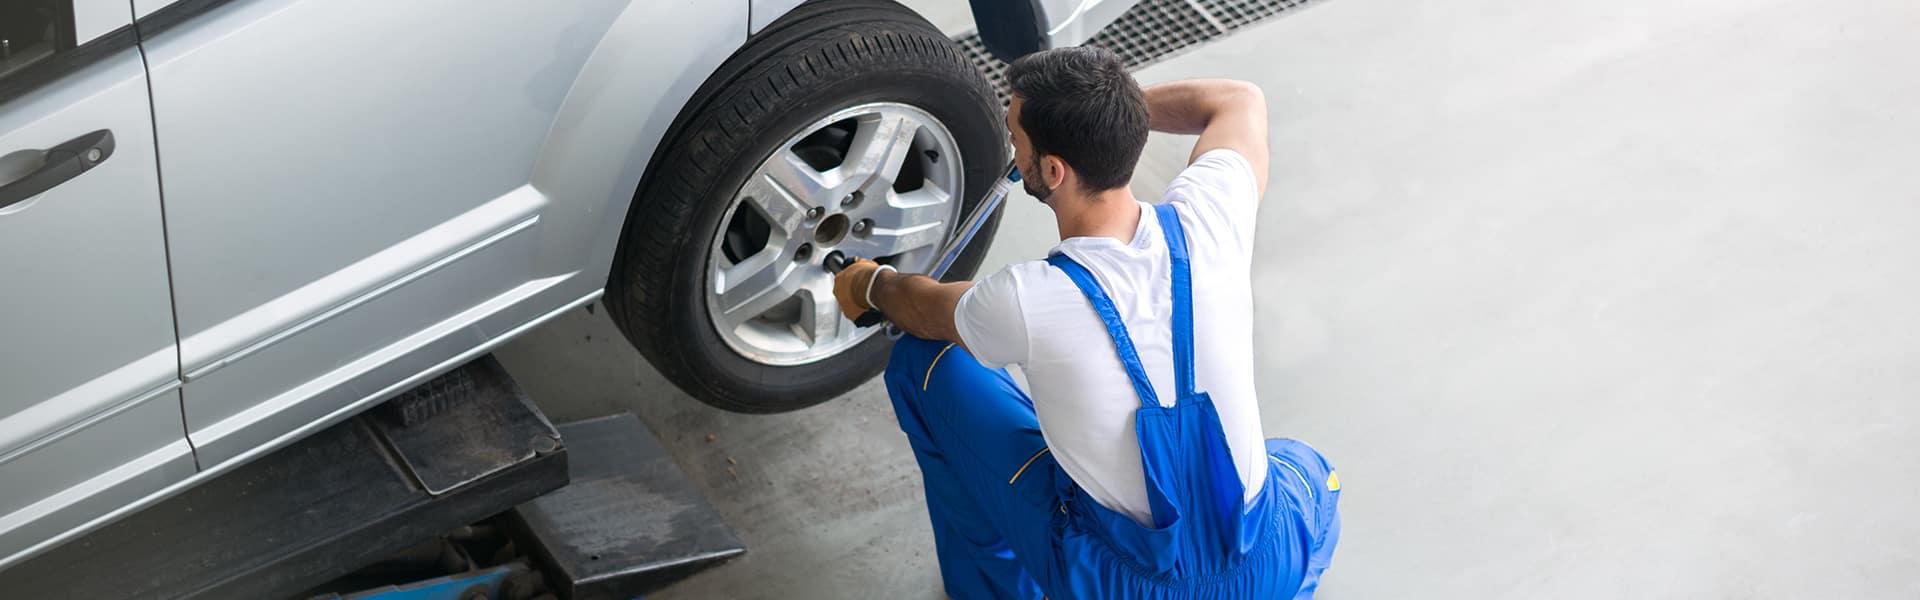 Nissan Tire Service in Miami, Florida